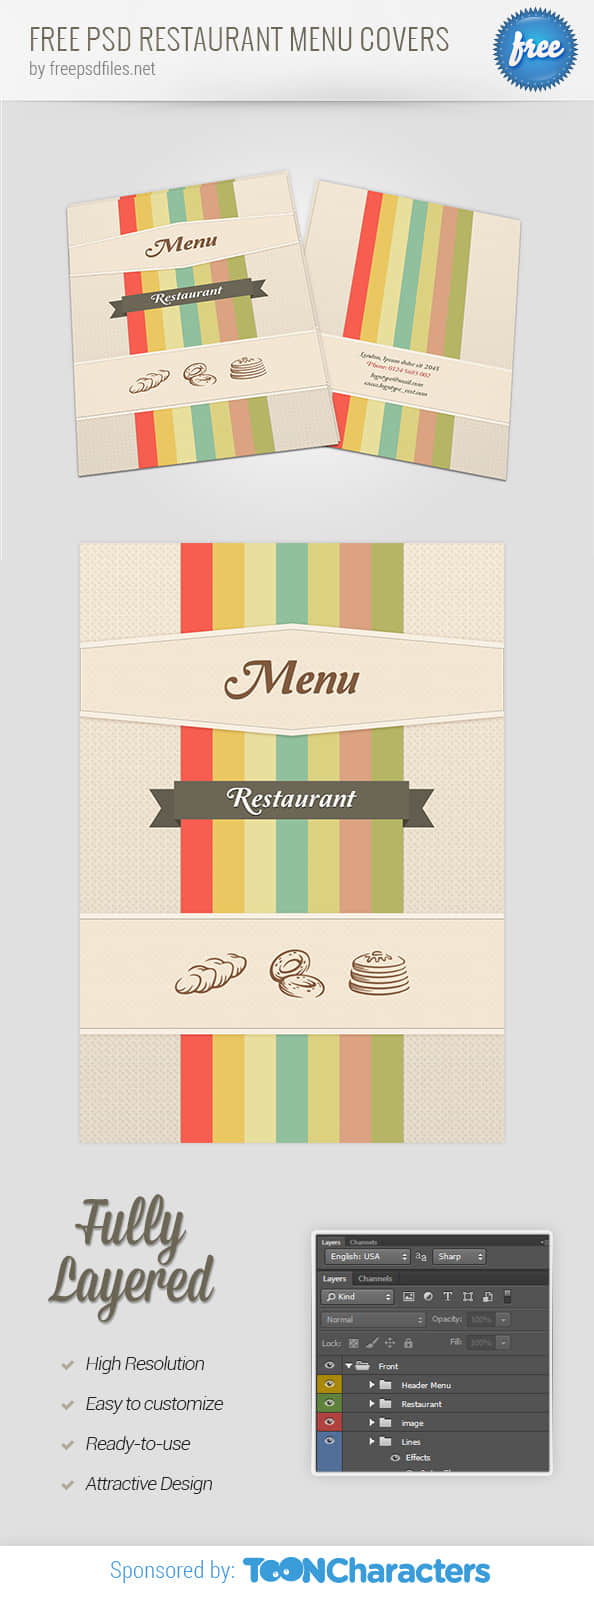 时尚靓丽菜单封面PSD设计素材文件下载